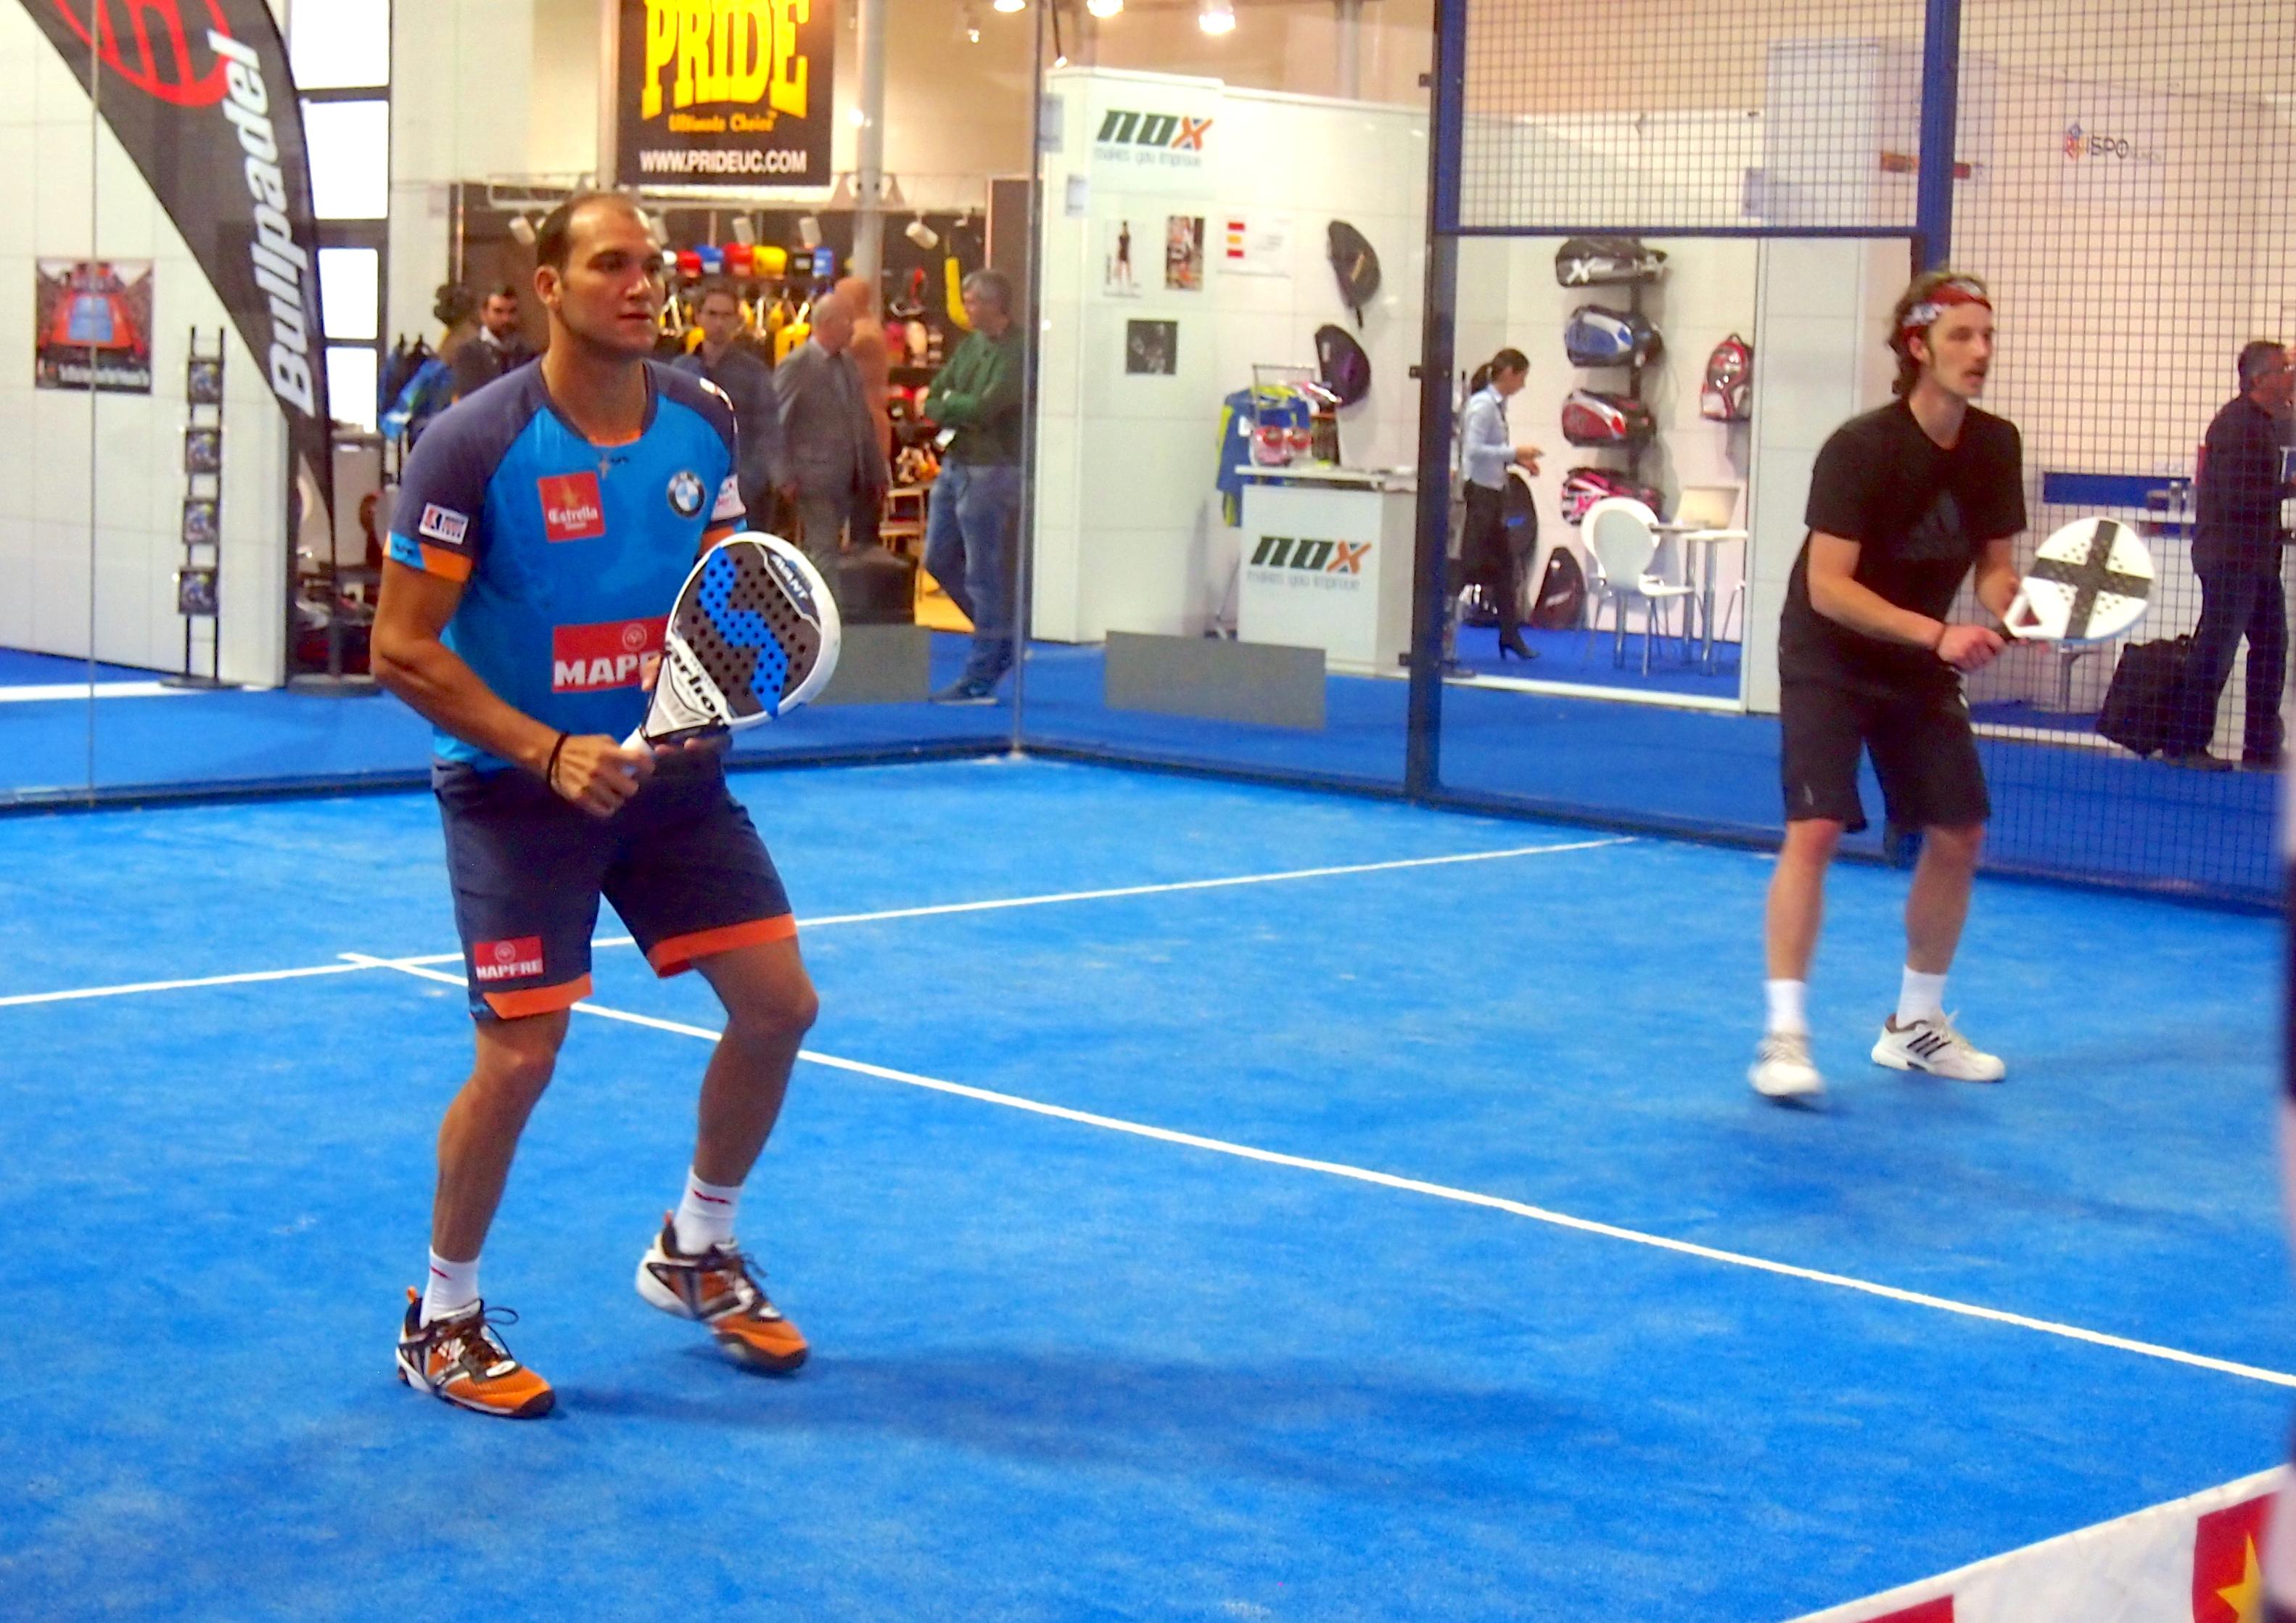 joueurs de tennis datant d'autres joueurs de tennis 100 site de rencontre de chat gratuit